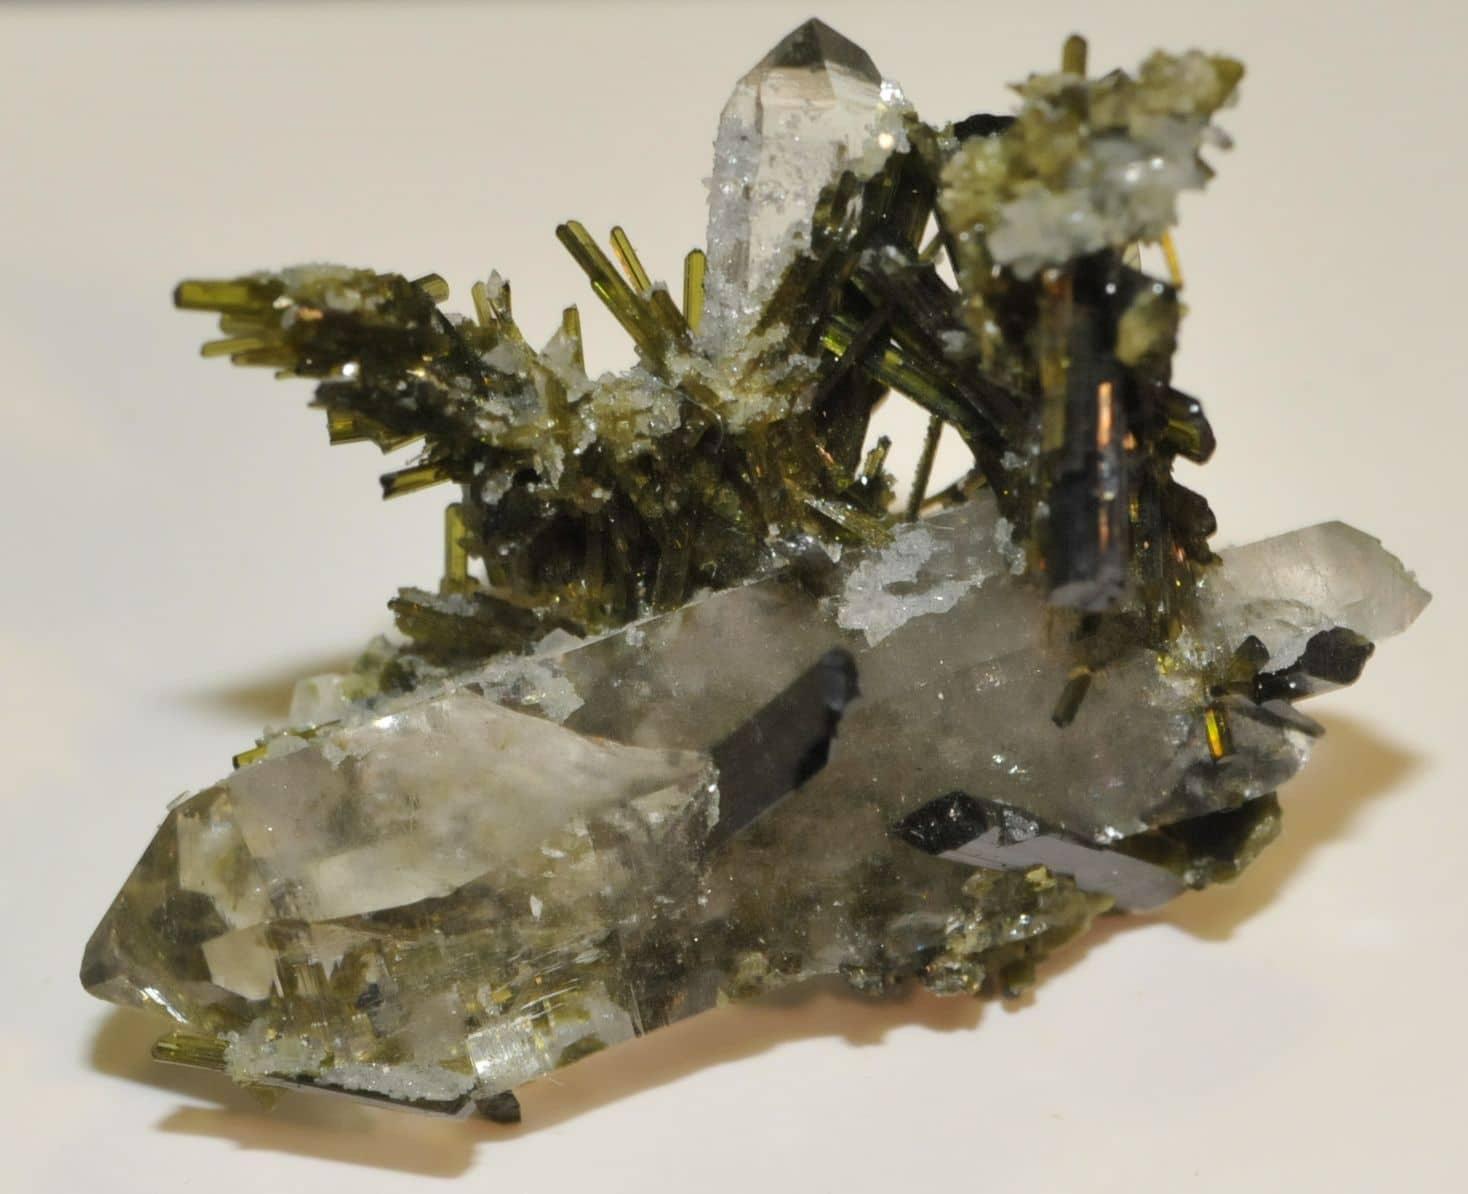 Cristaux d'épidote sur quartz de Cevins en Tarentaise (Savoie).